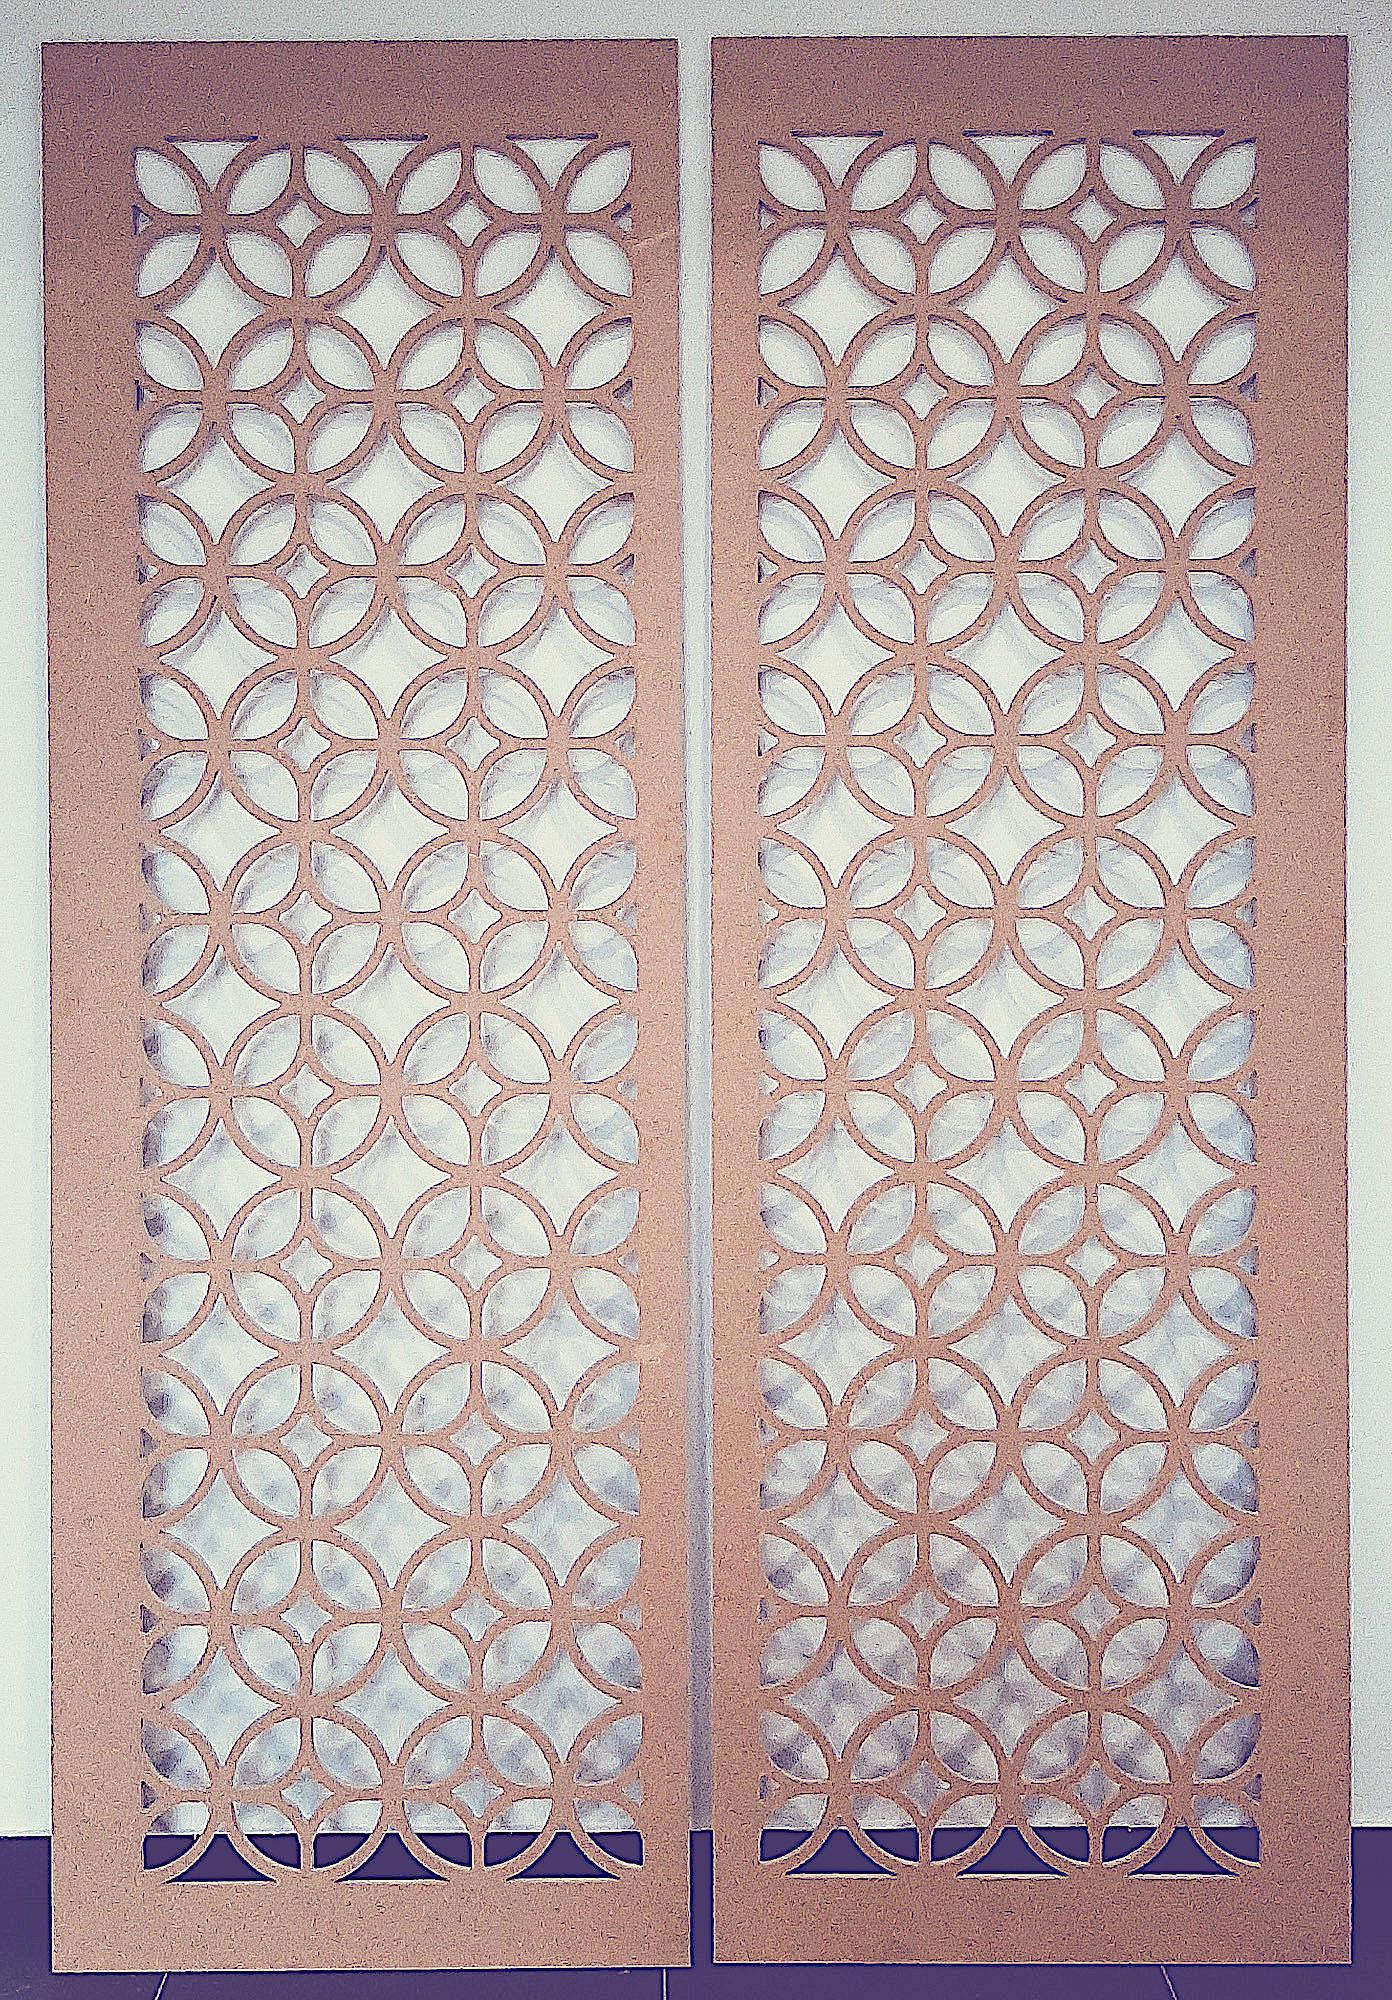 frezowanie cnc drzwi panele dokoracyjne na ścianę